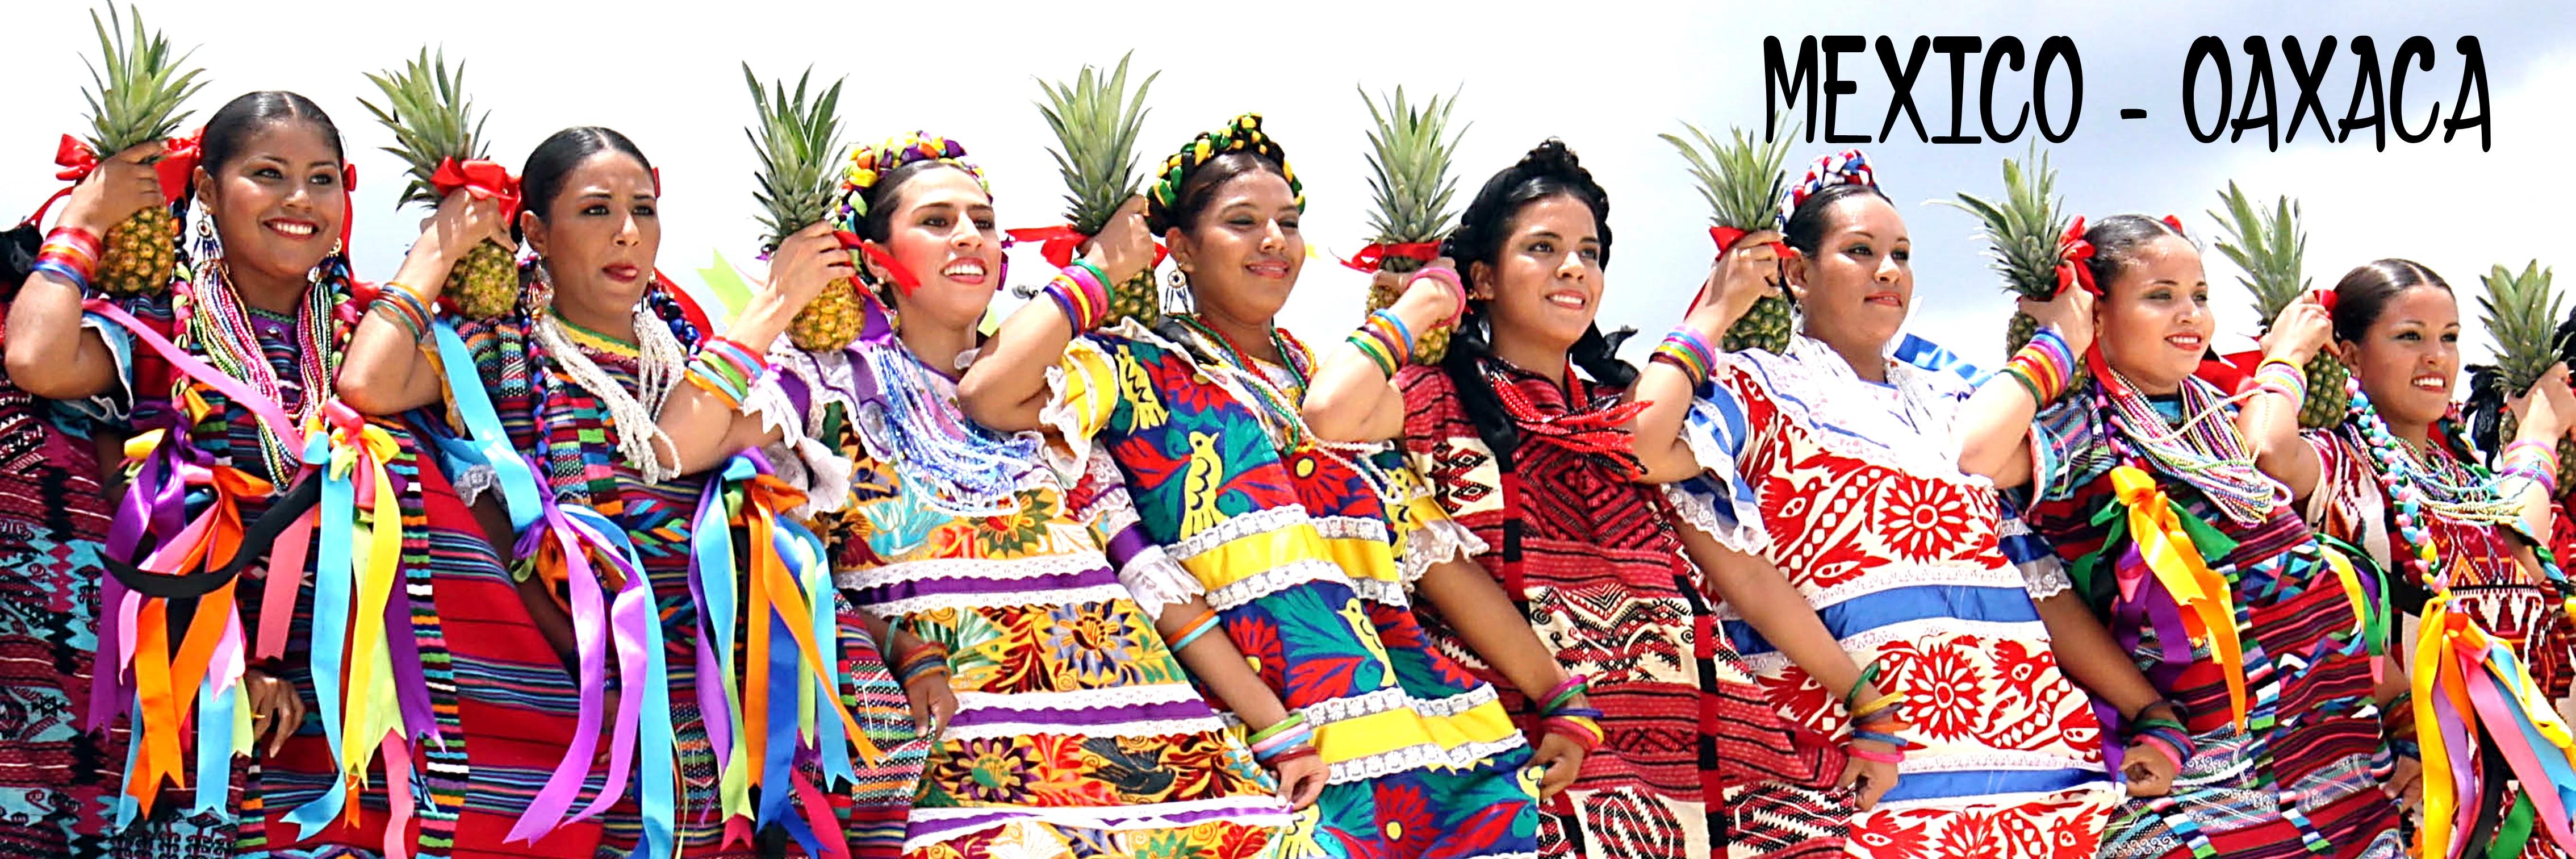 NUEVA-FOTO-FLOTANTE-OAXACA-PAGINA-WEB-2